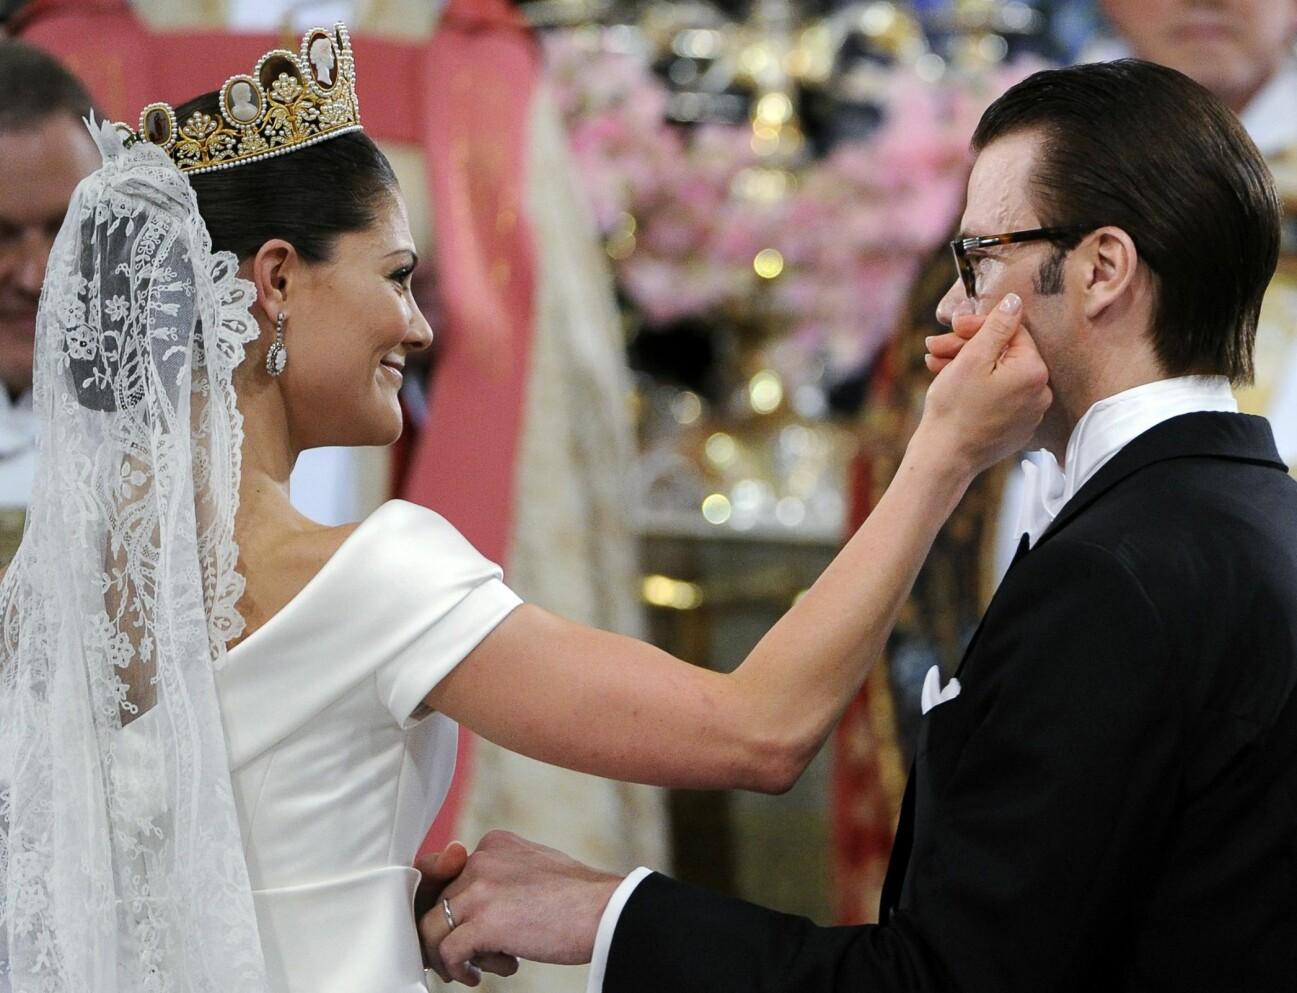 Brudklädd kronprinsessan Victoria stryker bort en glädjetår från Daniels kind.